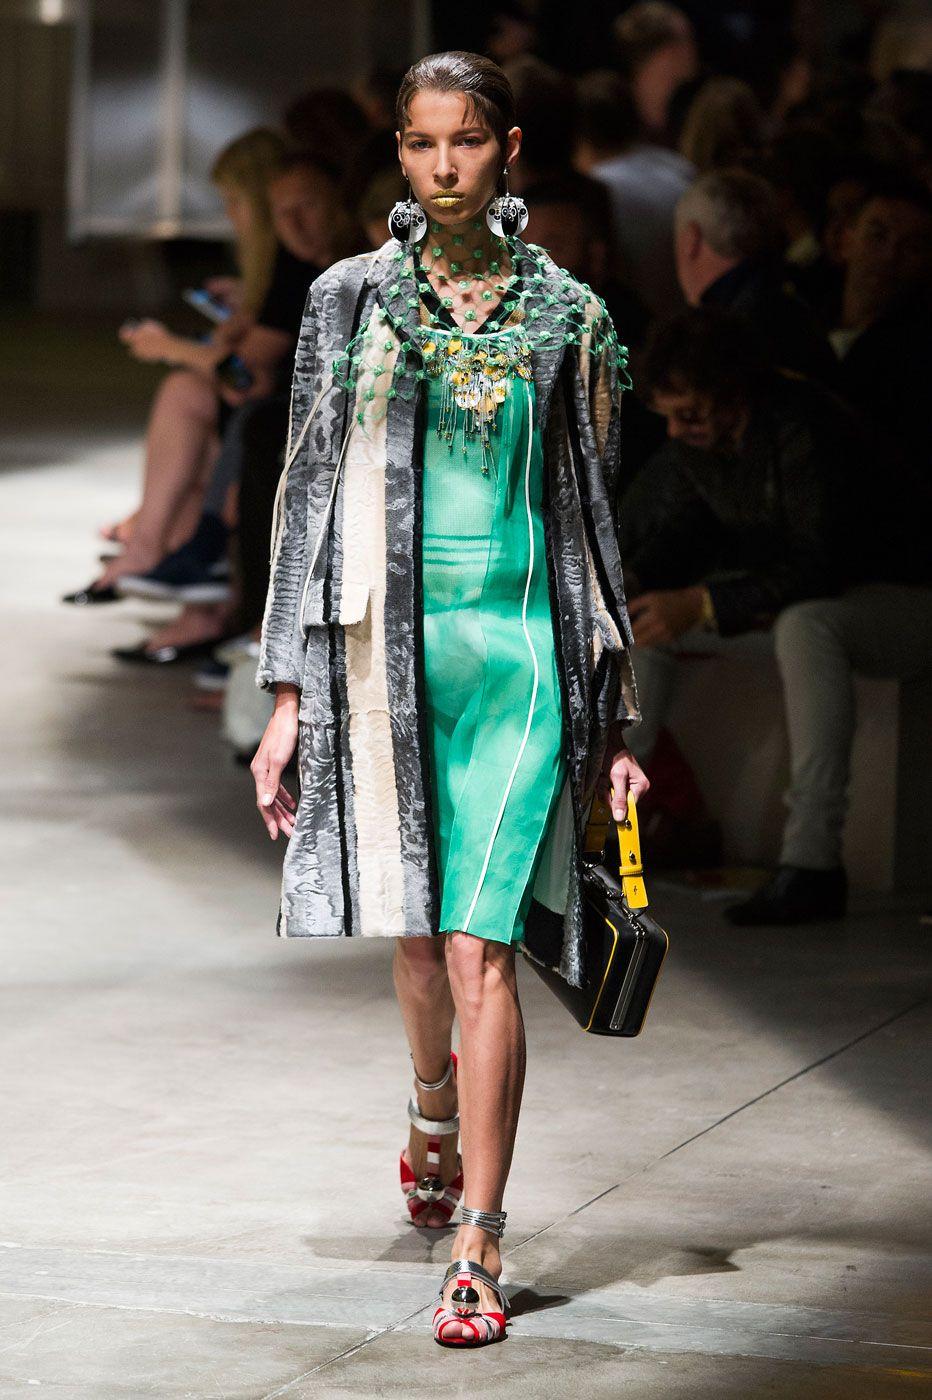 Prada desfila verão 2016 com alfaiataria e decorativismo - Vogue   Desfiles